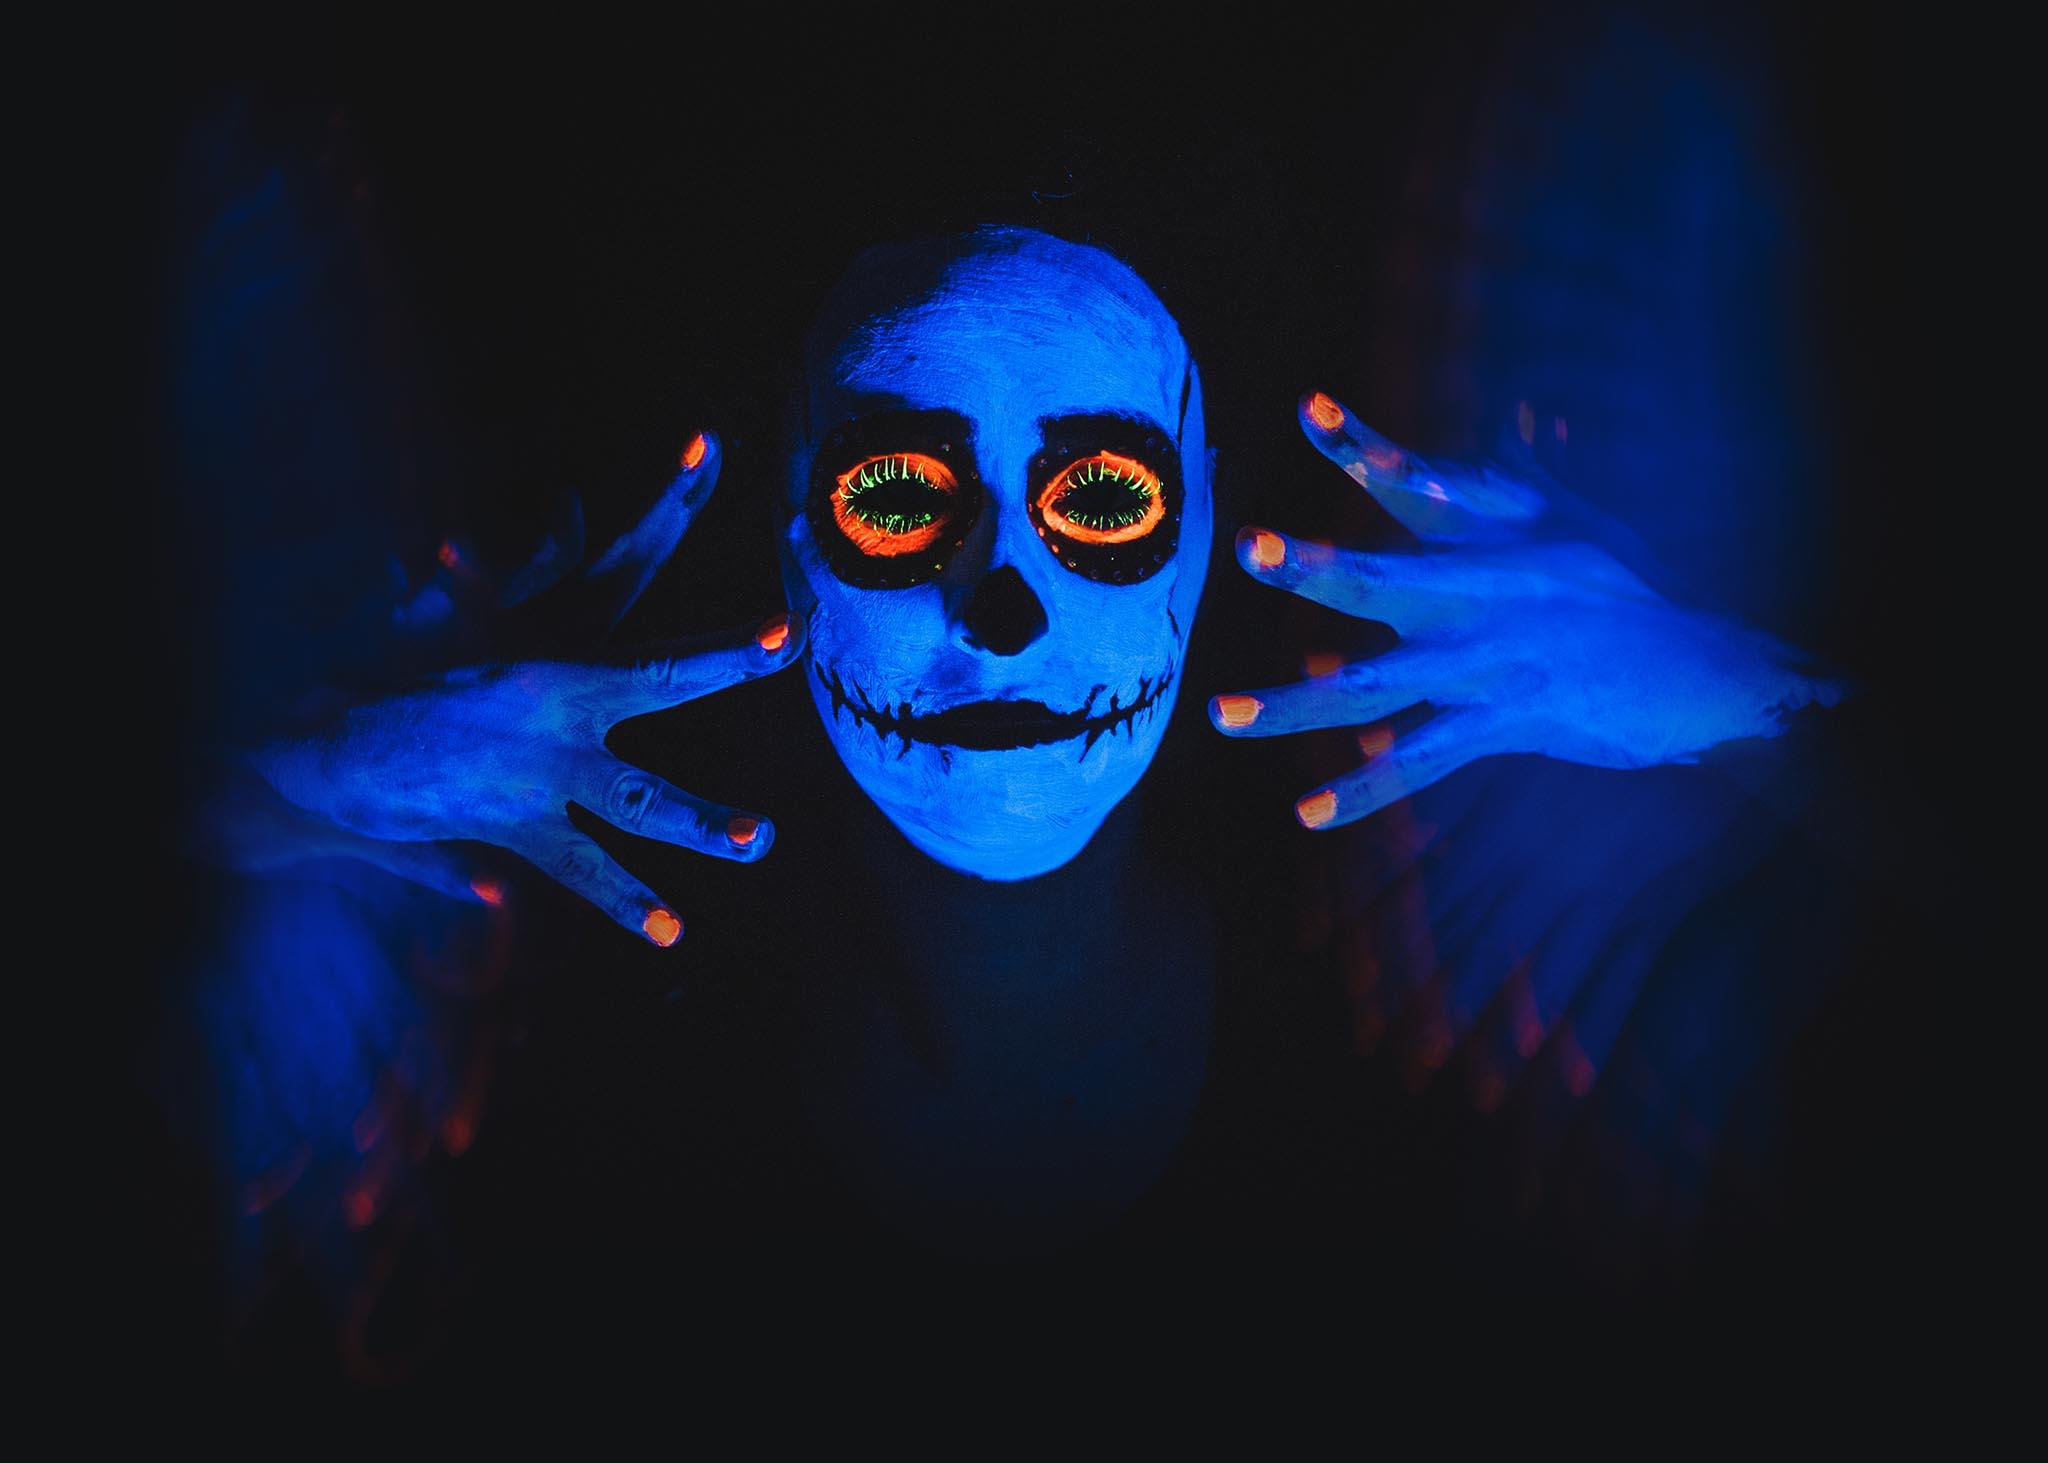 Luz sombras y fantasia 18 - web